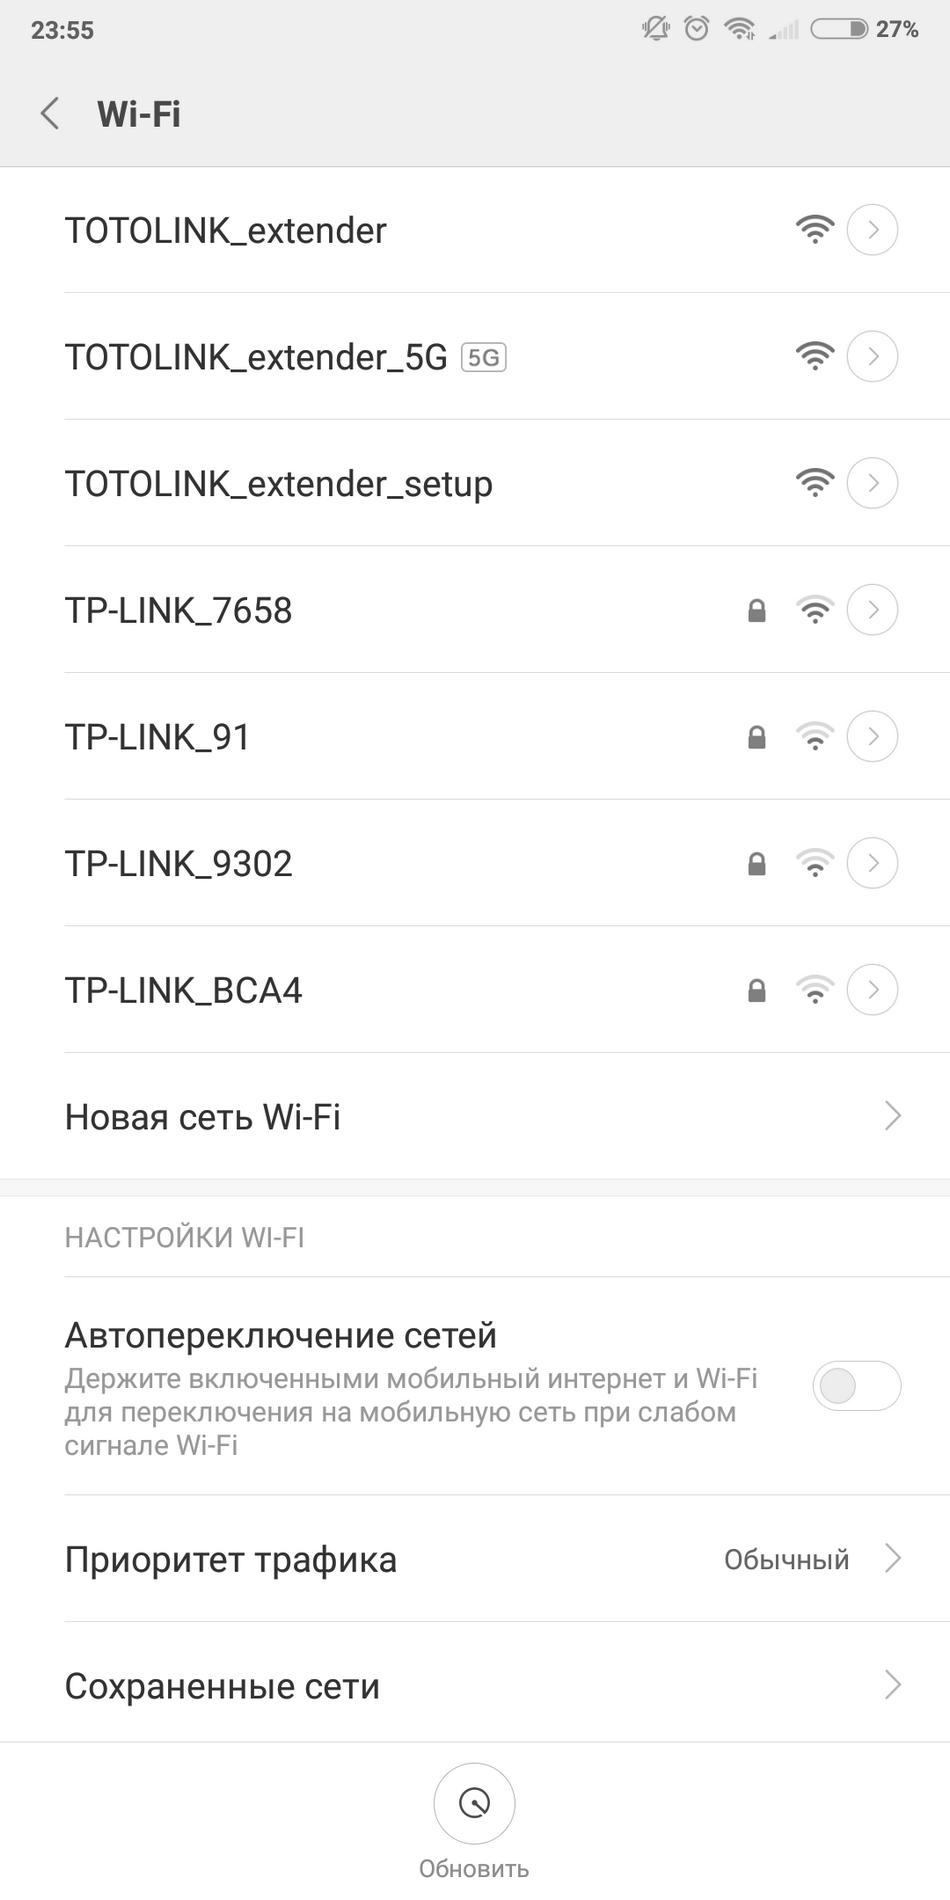 Setevoe oborudovanie - Obzor povtoritelya signala Totolink EX1200M